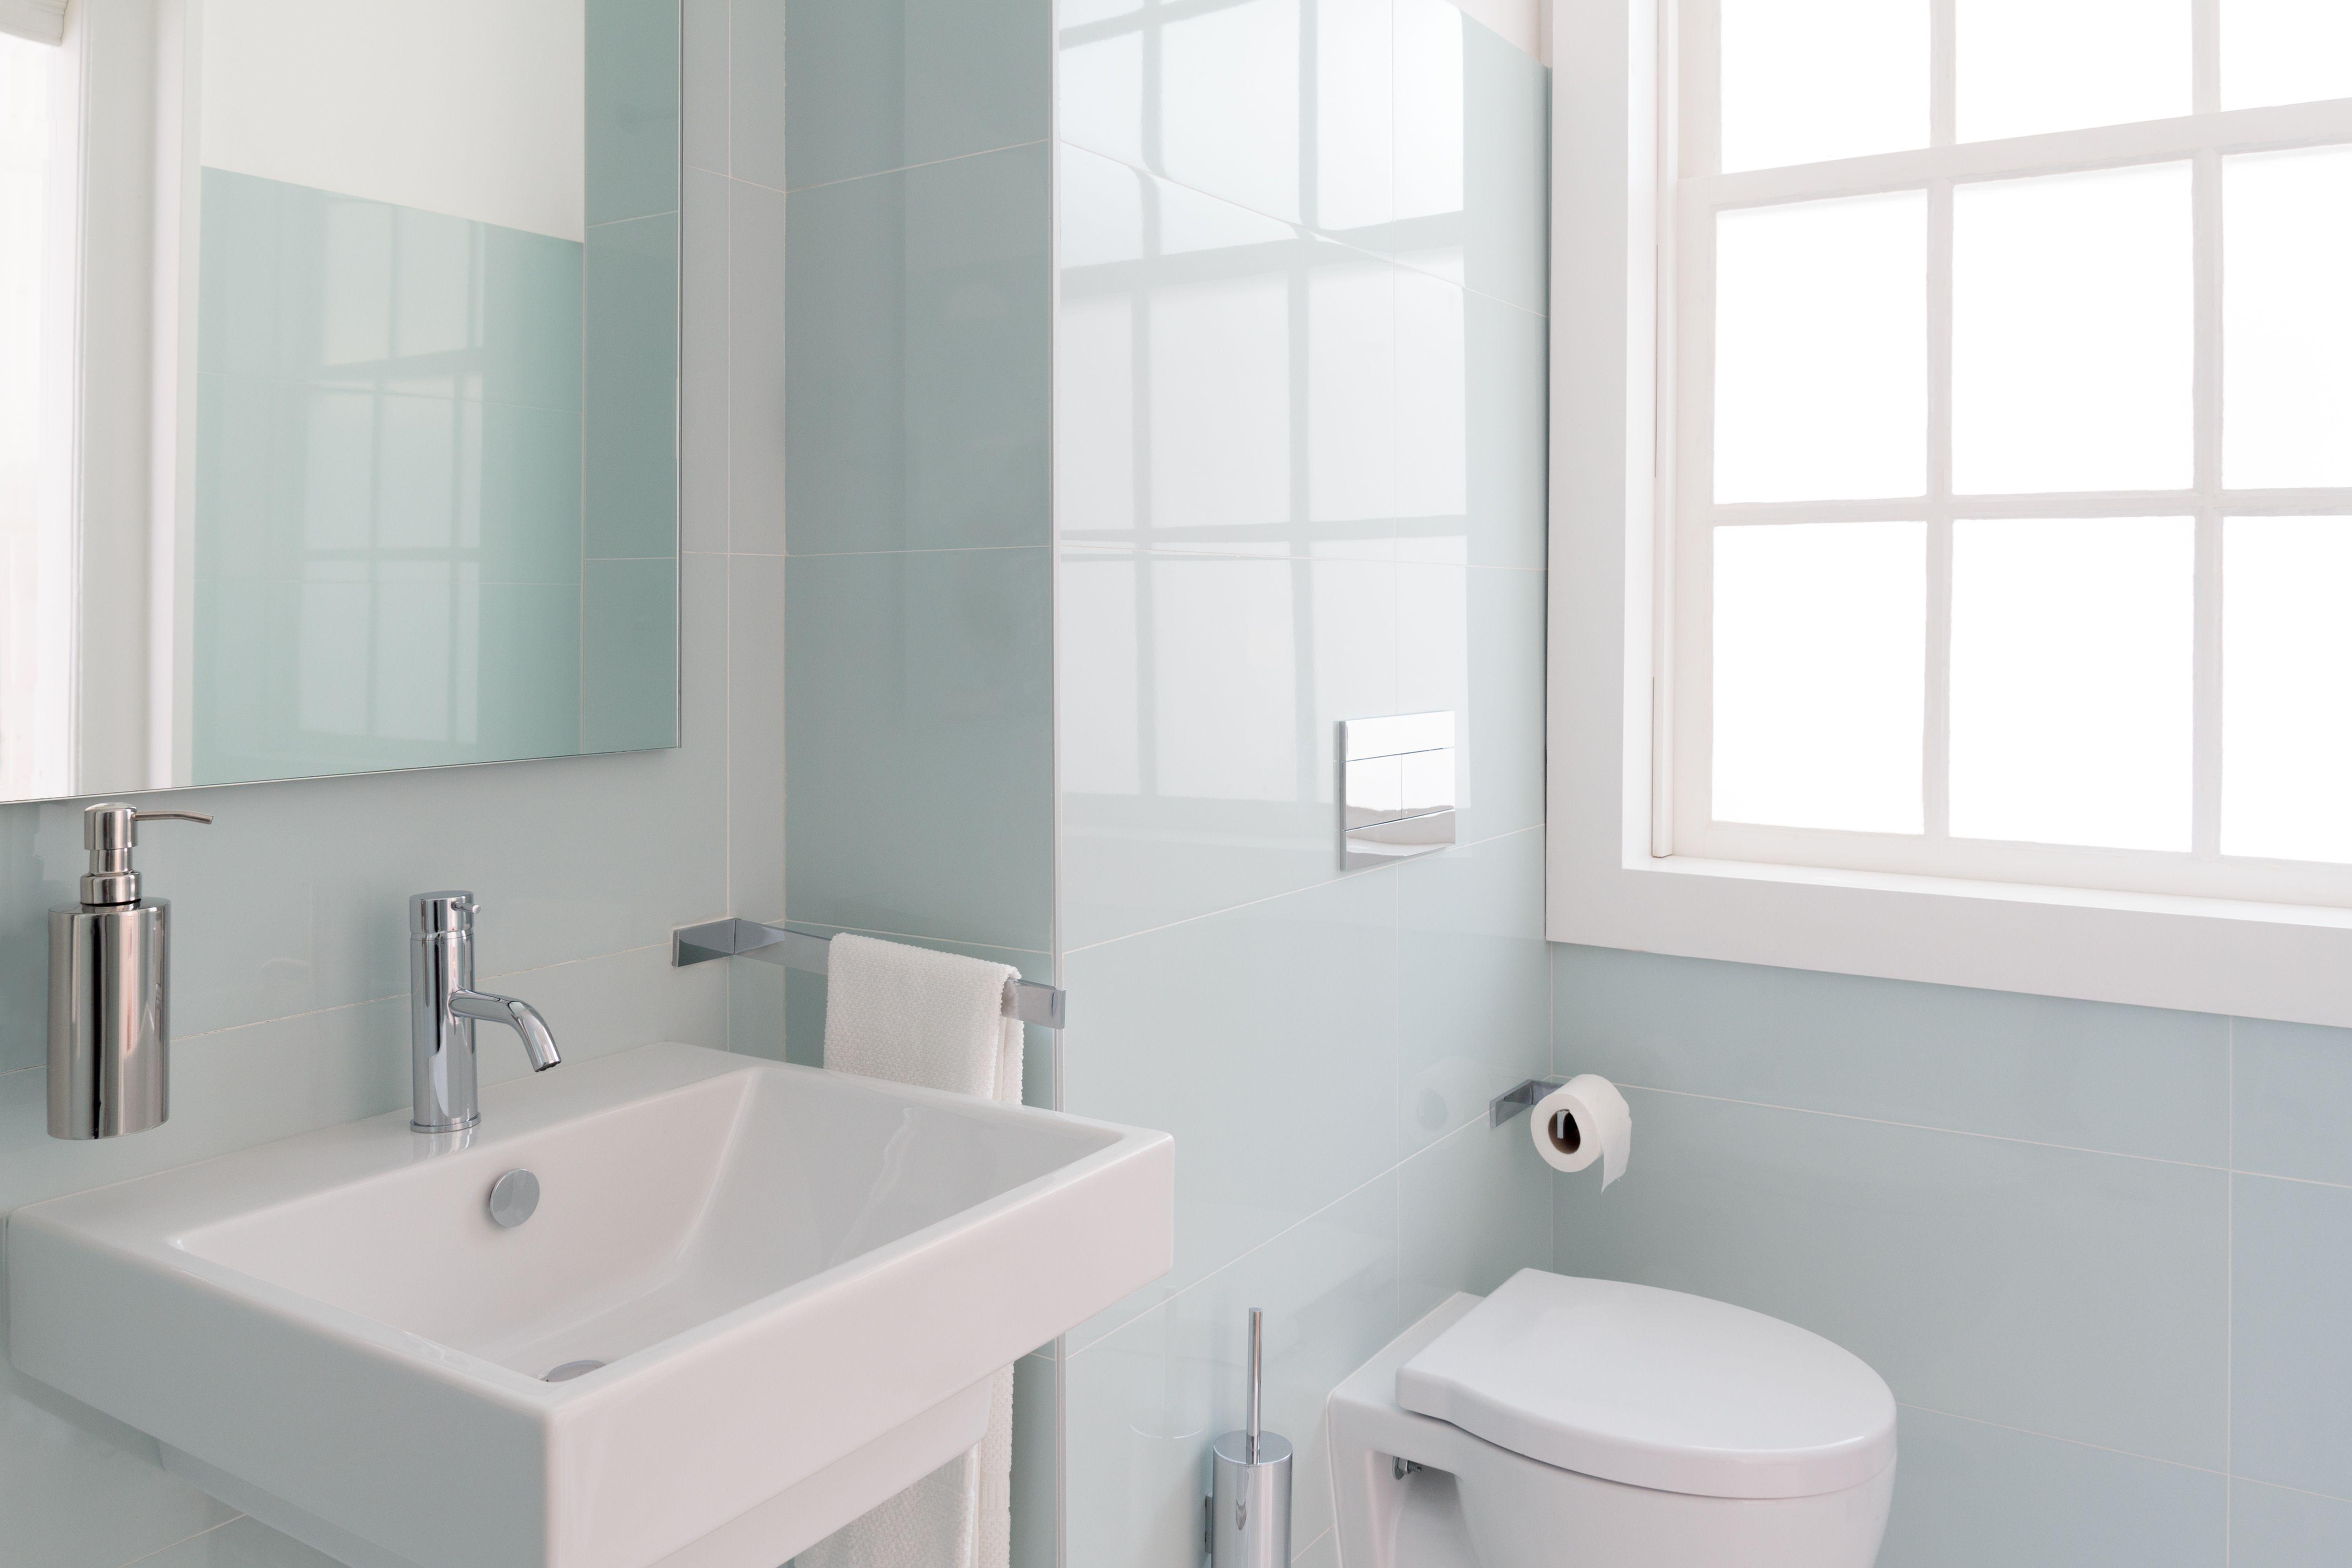 Rollputz Streichputz Alpenkalk Kinderleicht Auftragen Kleines Bad Einrichten Bad Einrichten Badezimmer Renovieren